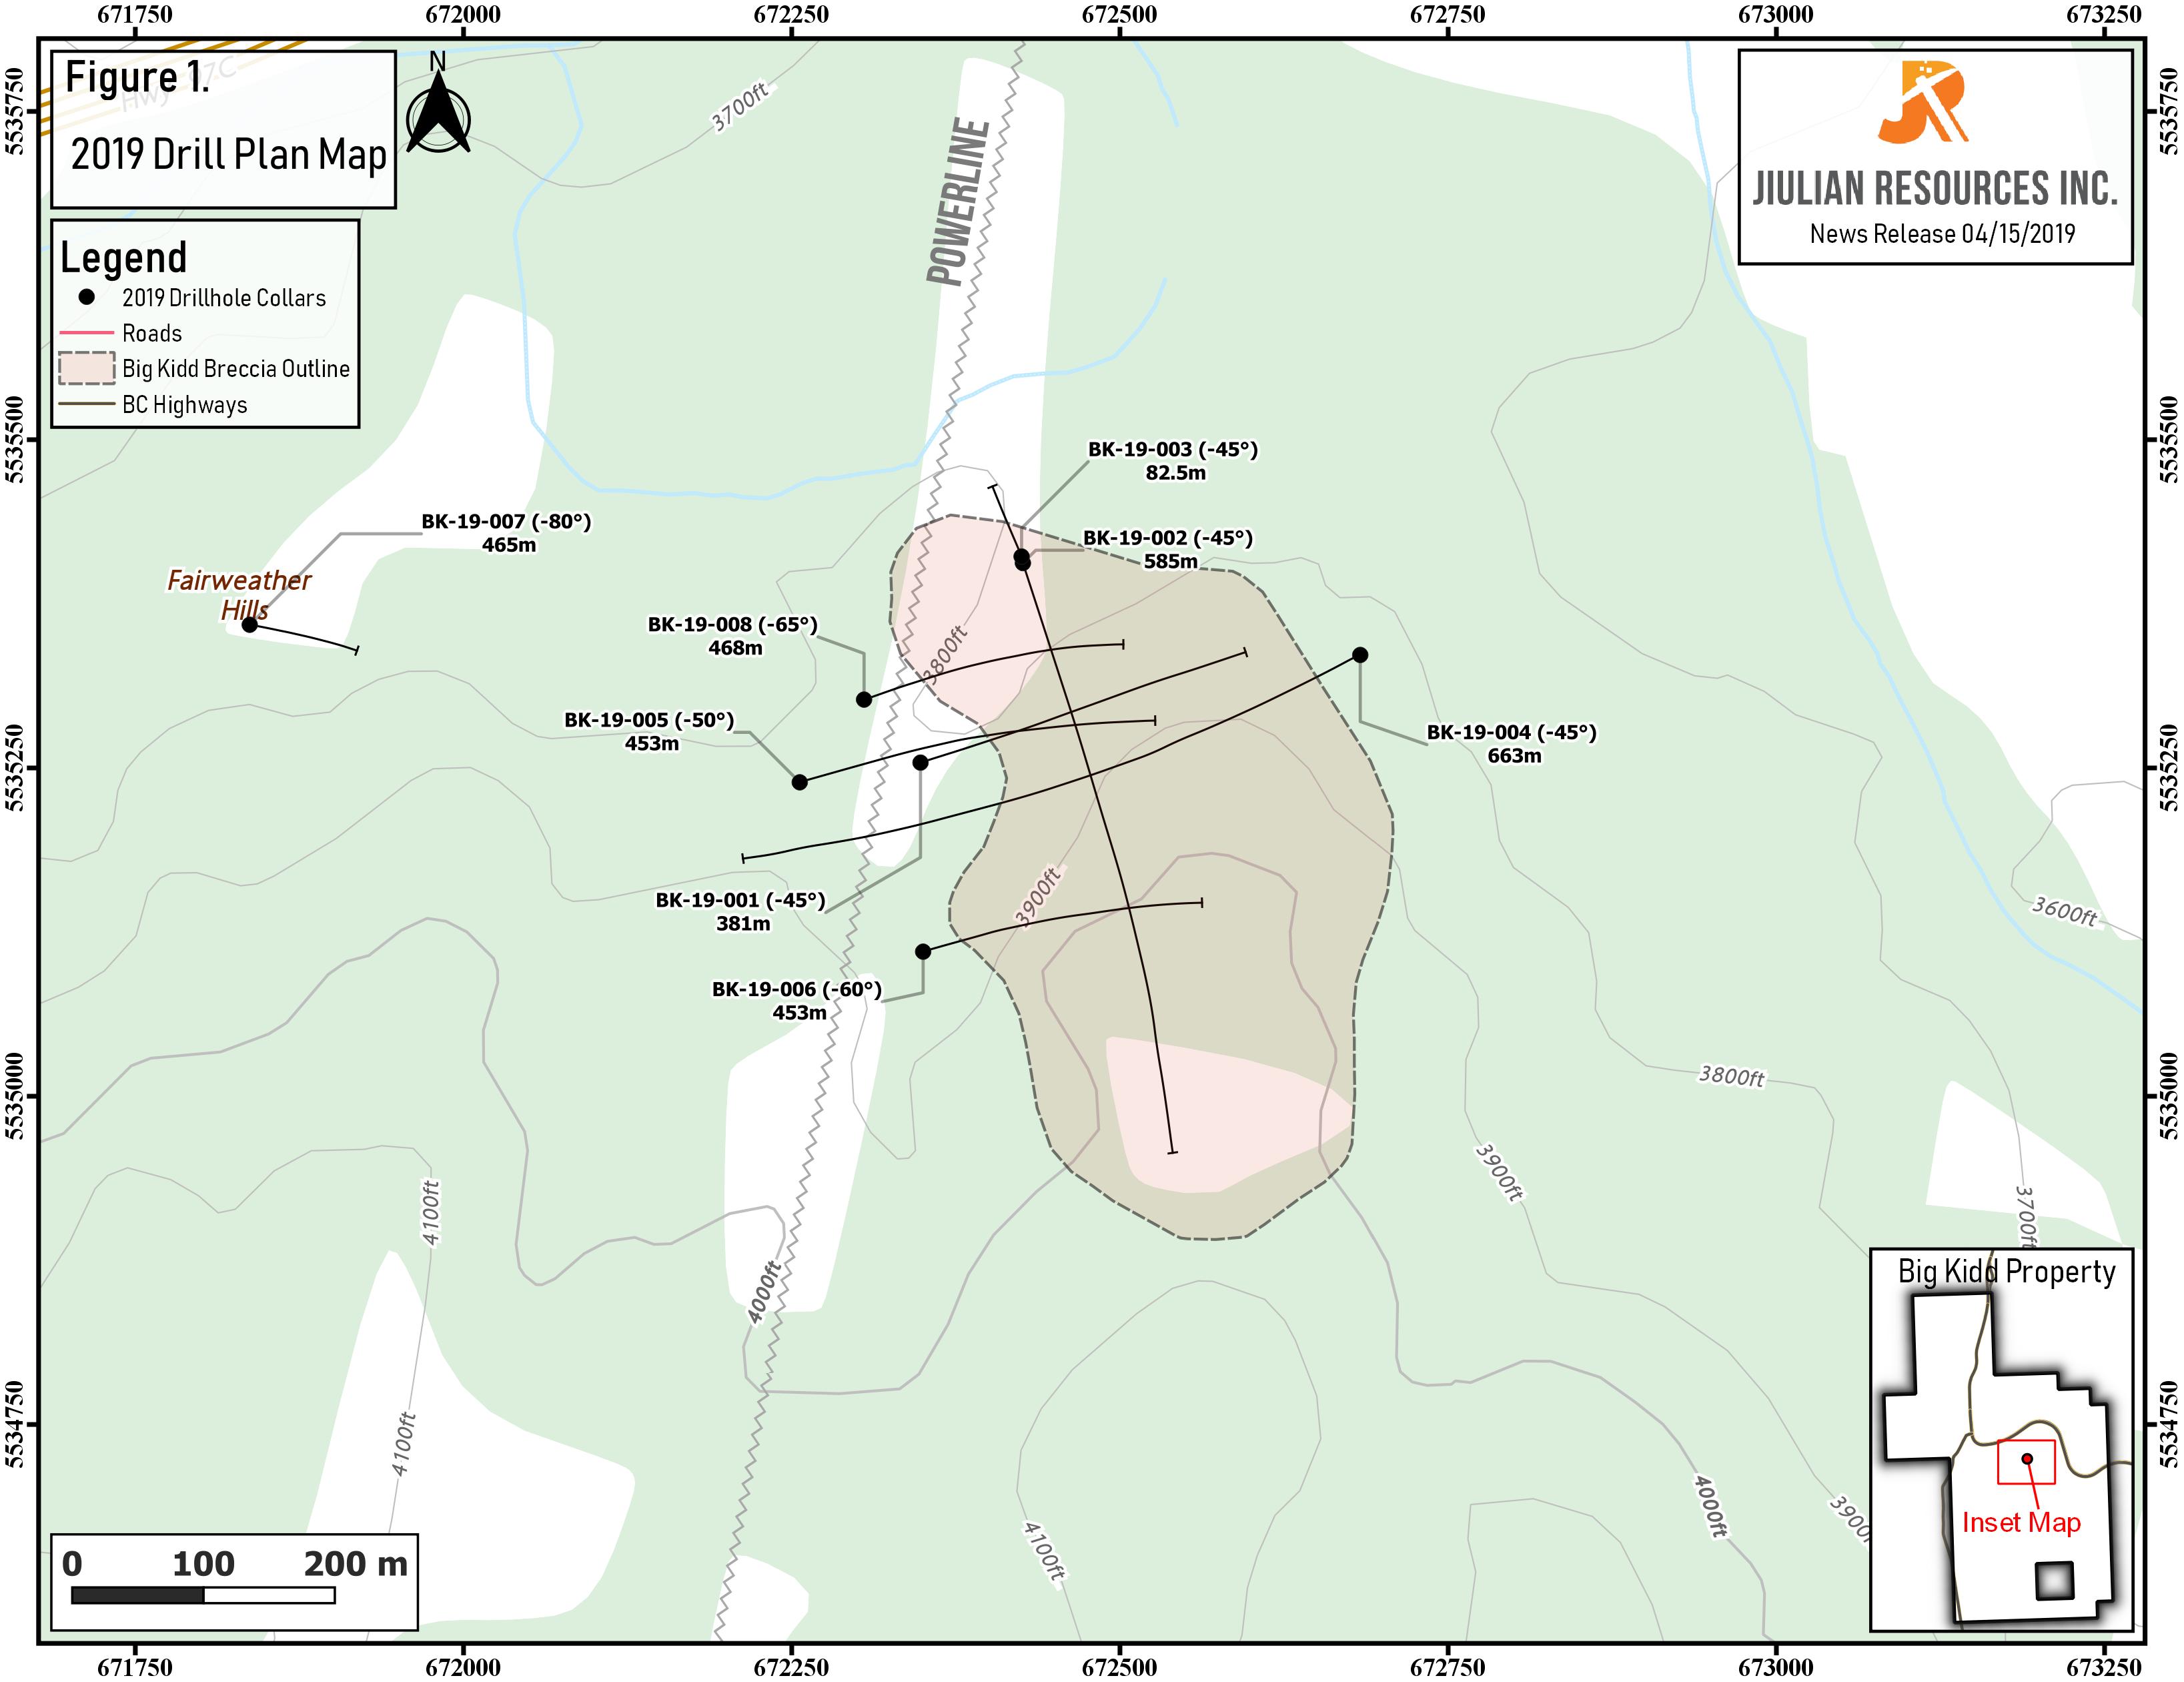 Jiulian Map